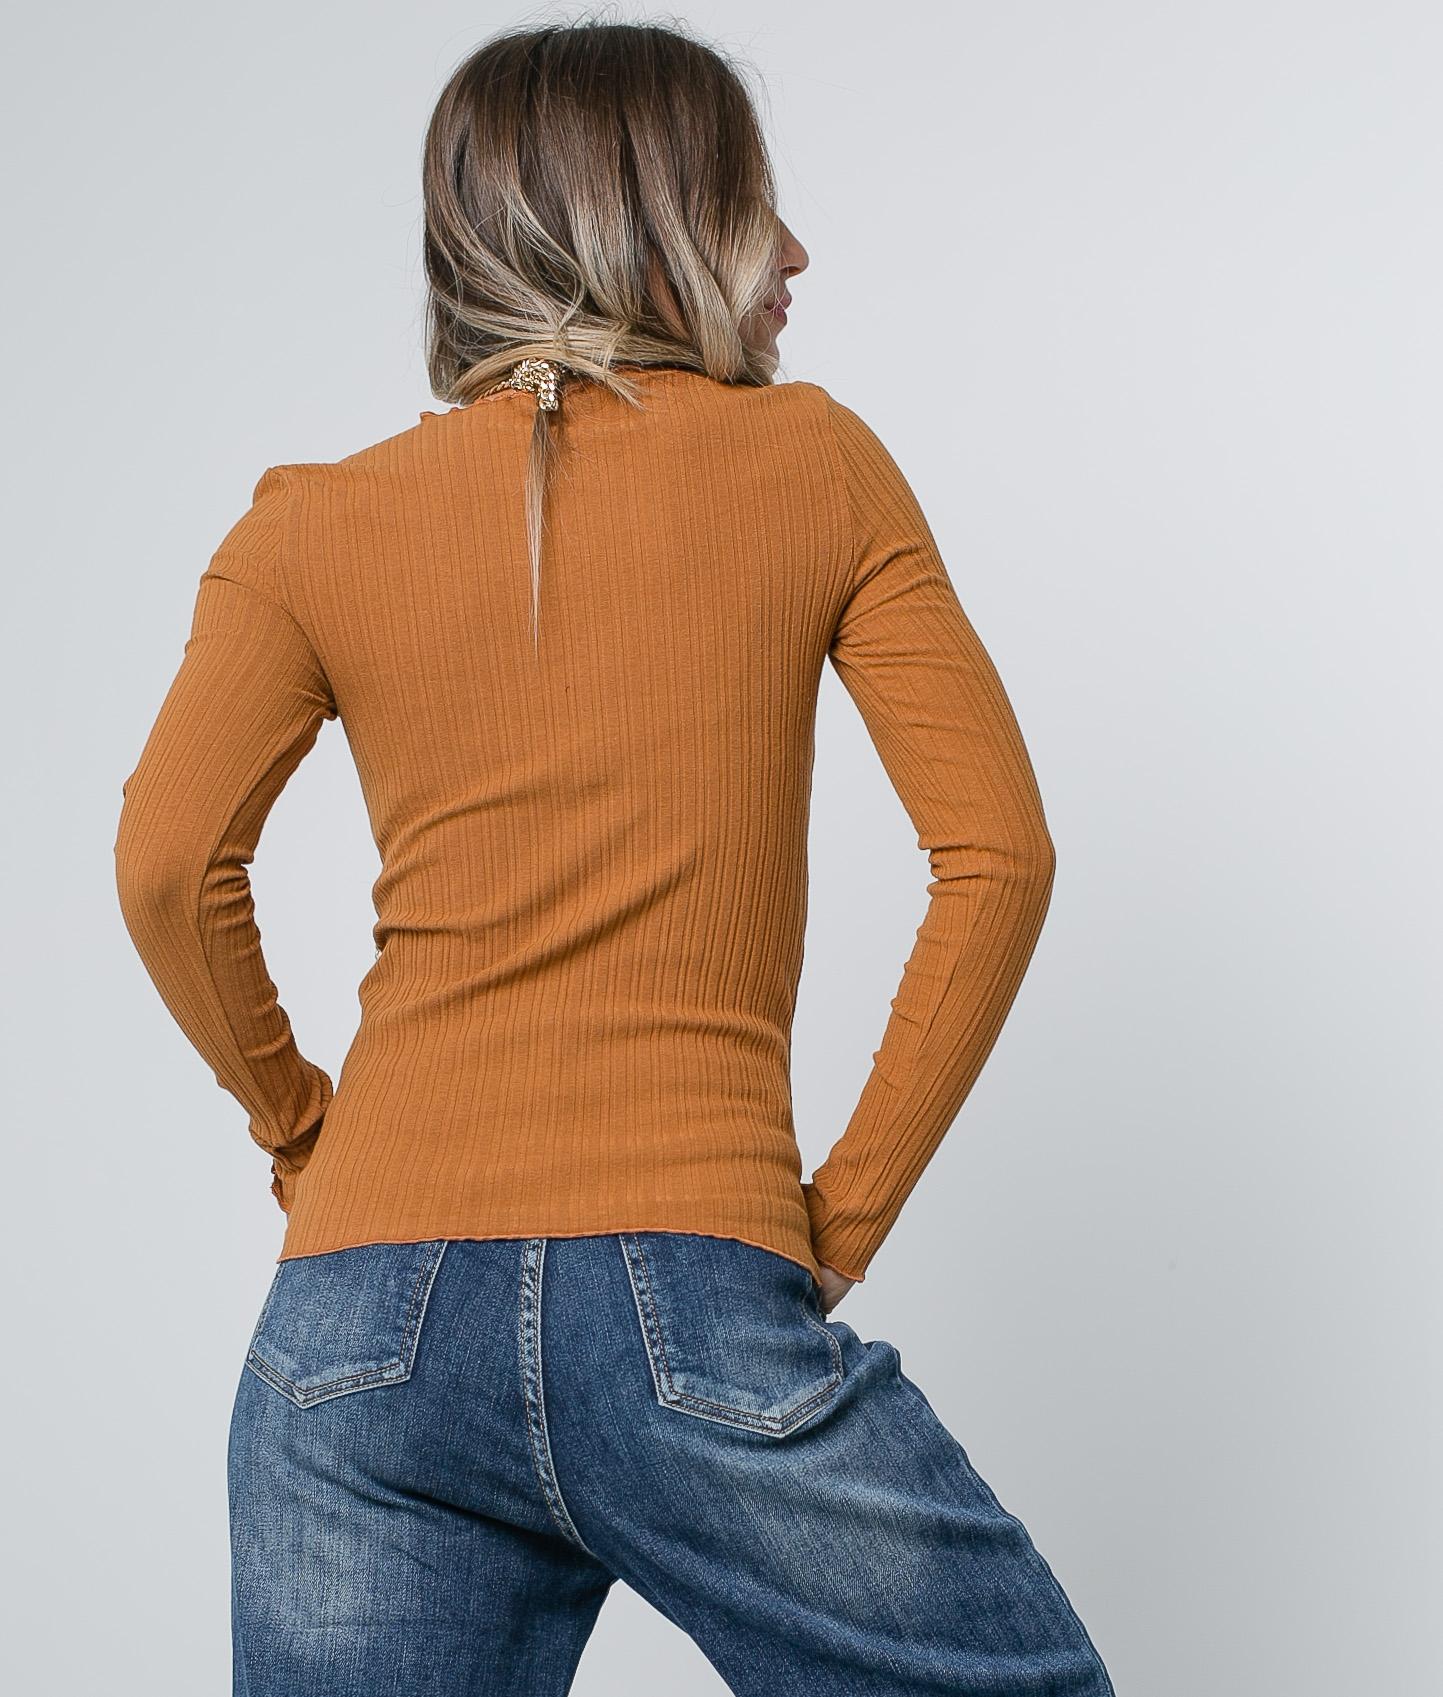 Camiseta Linta - Camelo